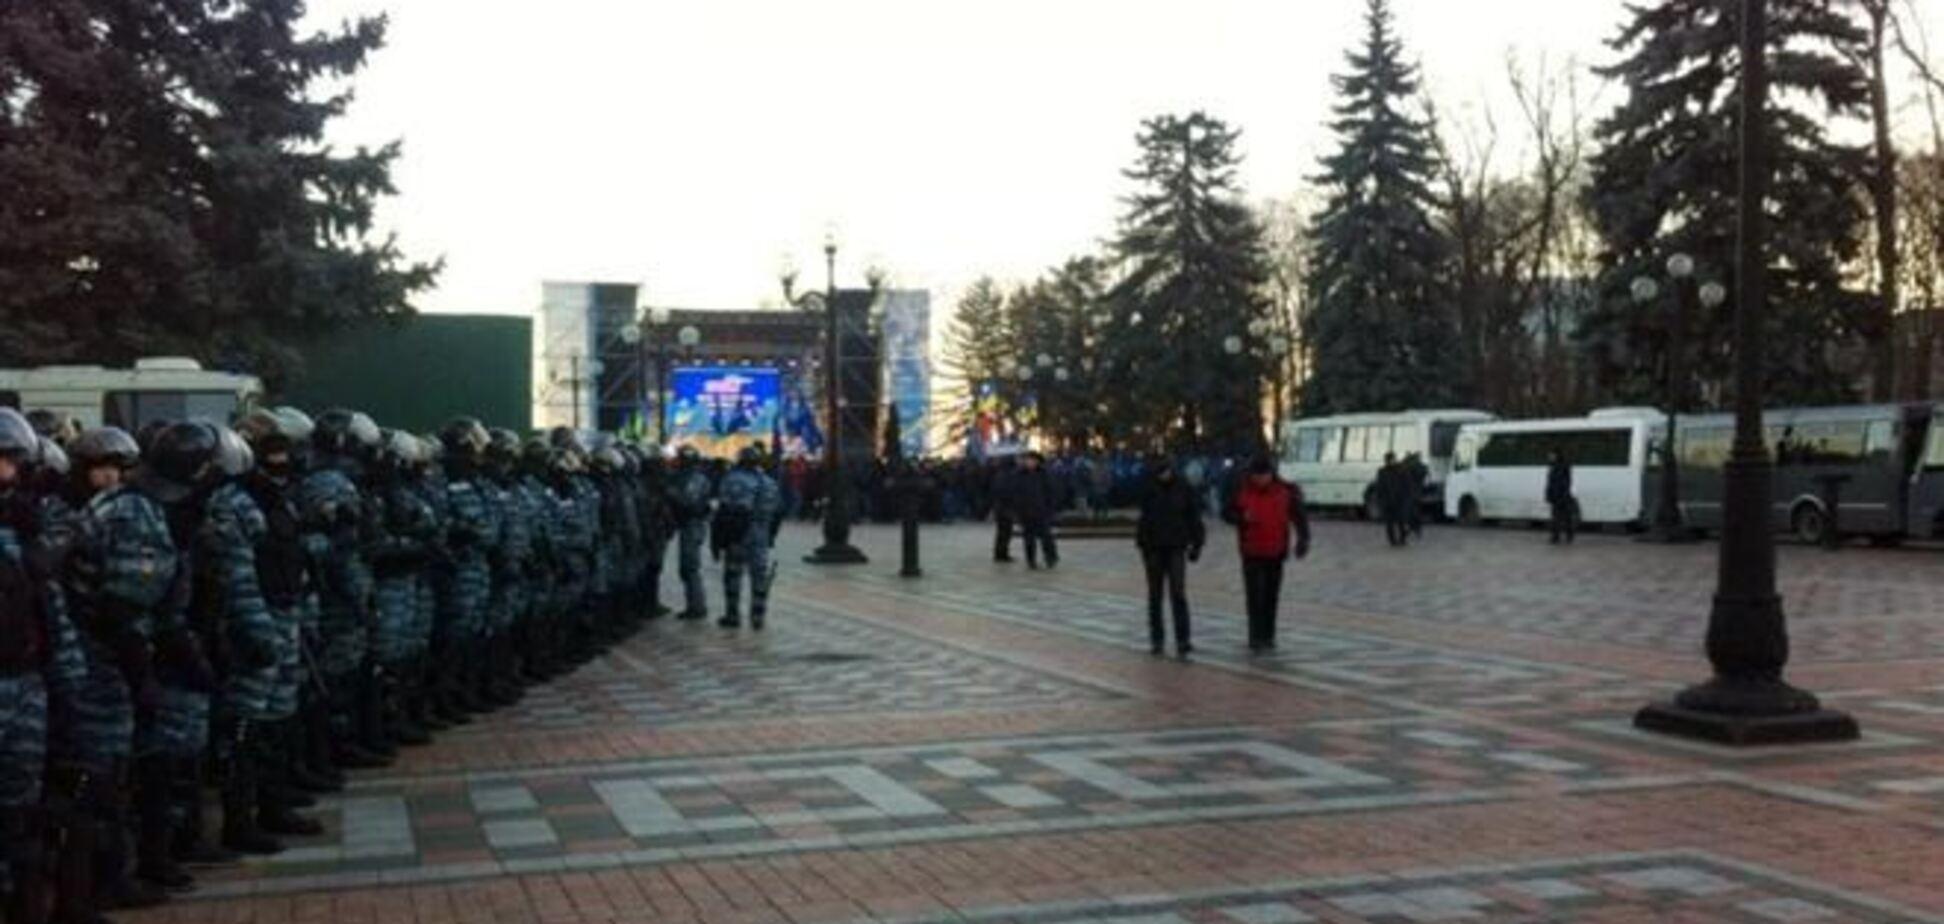 Под ВР ночью появилась сцена, оппозиция заявляет о провокациях